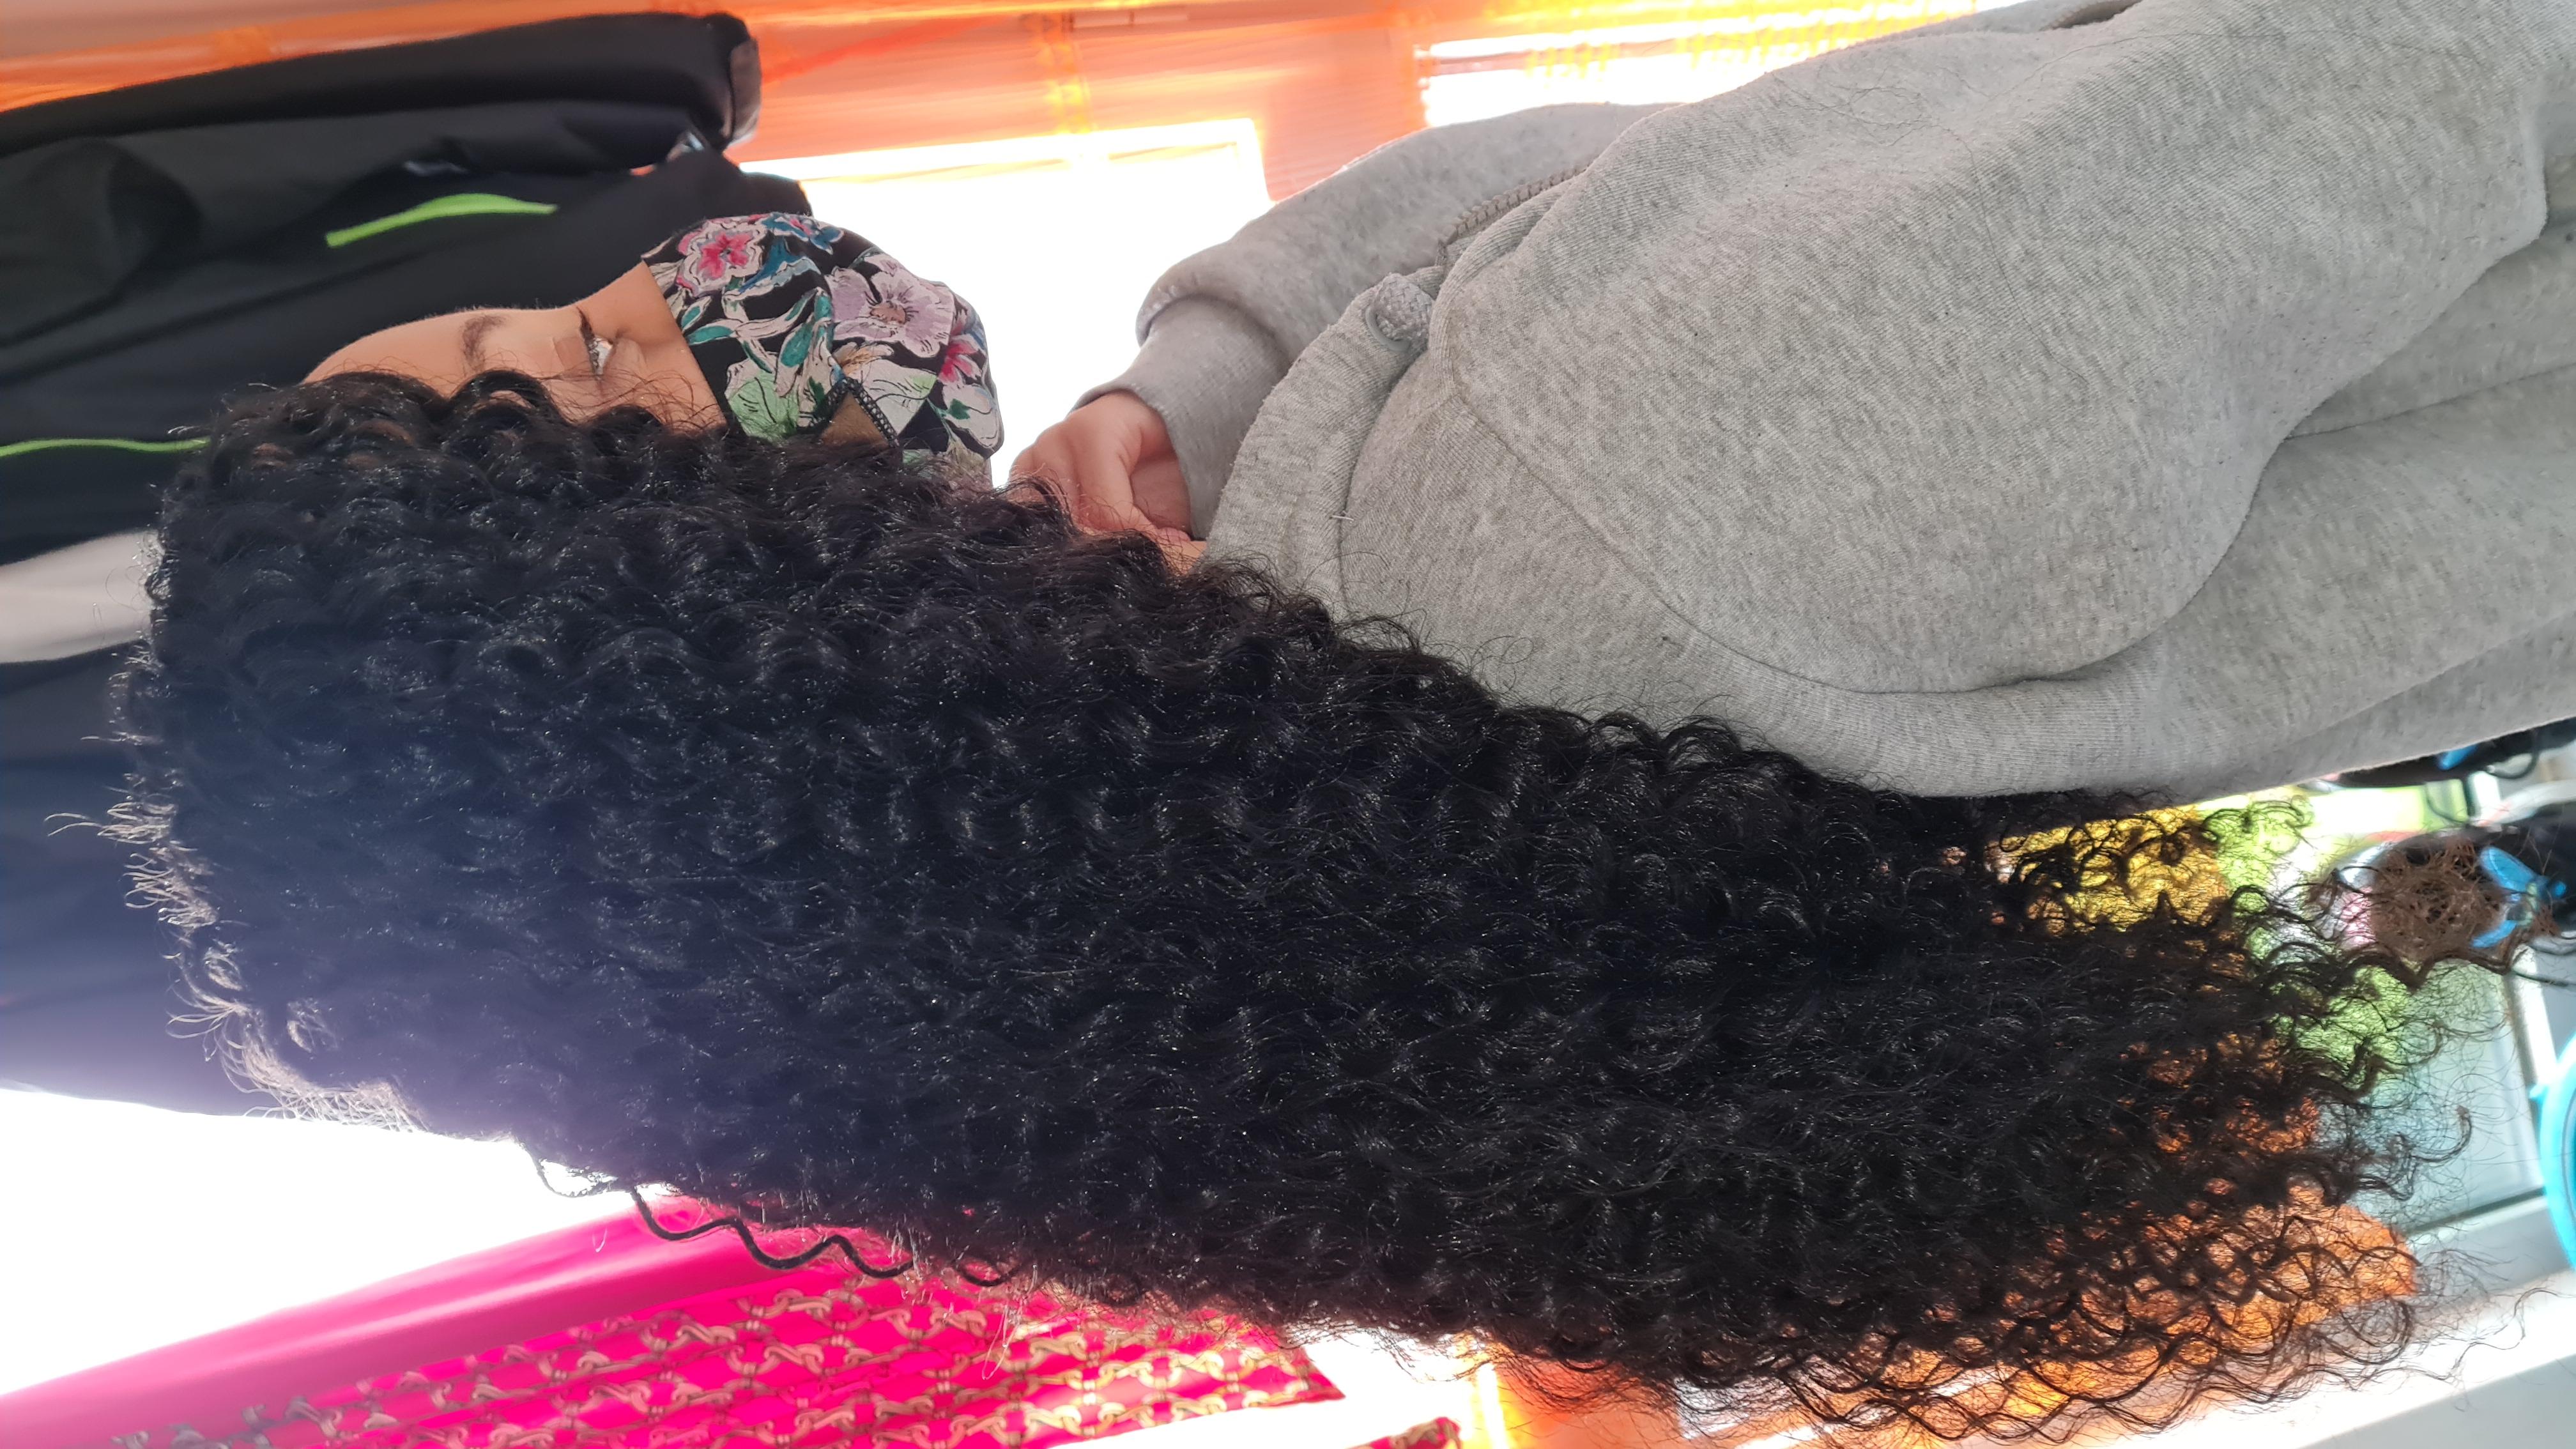 salon de coiffure afro tresse tresses box braids crochet braids vanilles tissages paris 75 77 78 91 92 93 94 95 YQEZKDSD